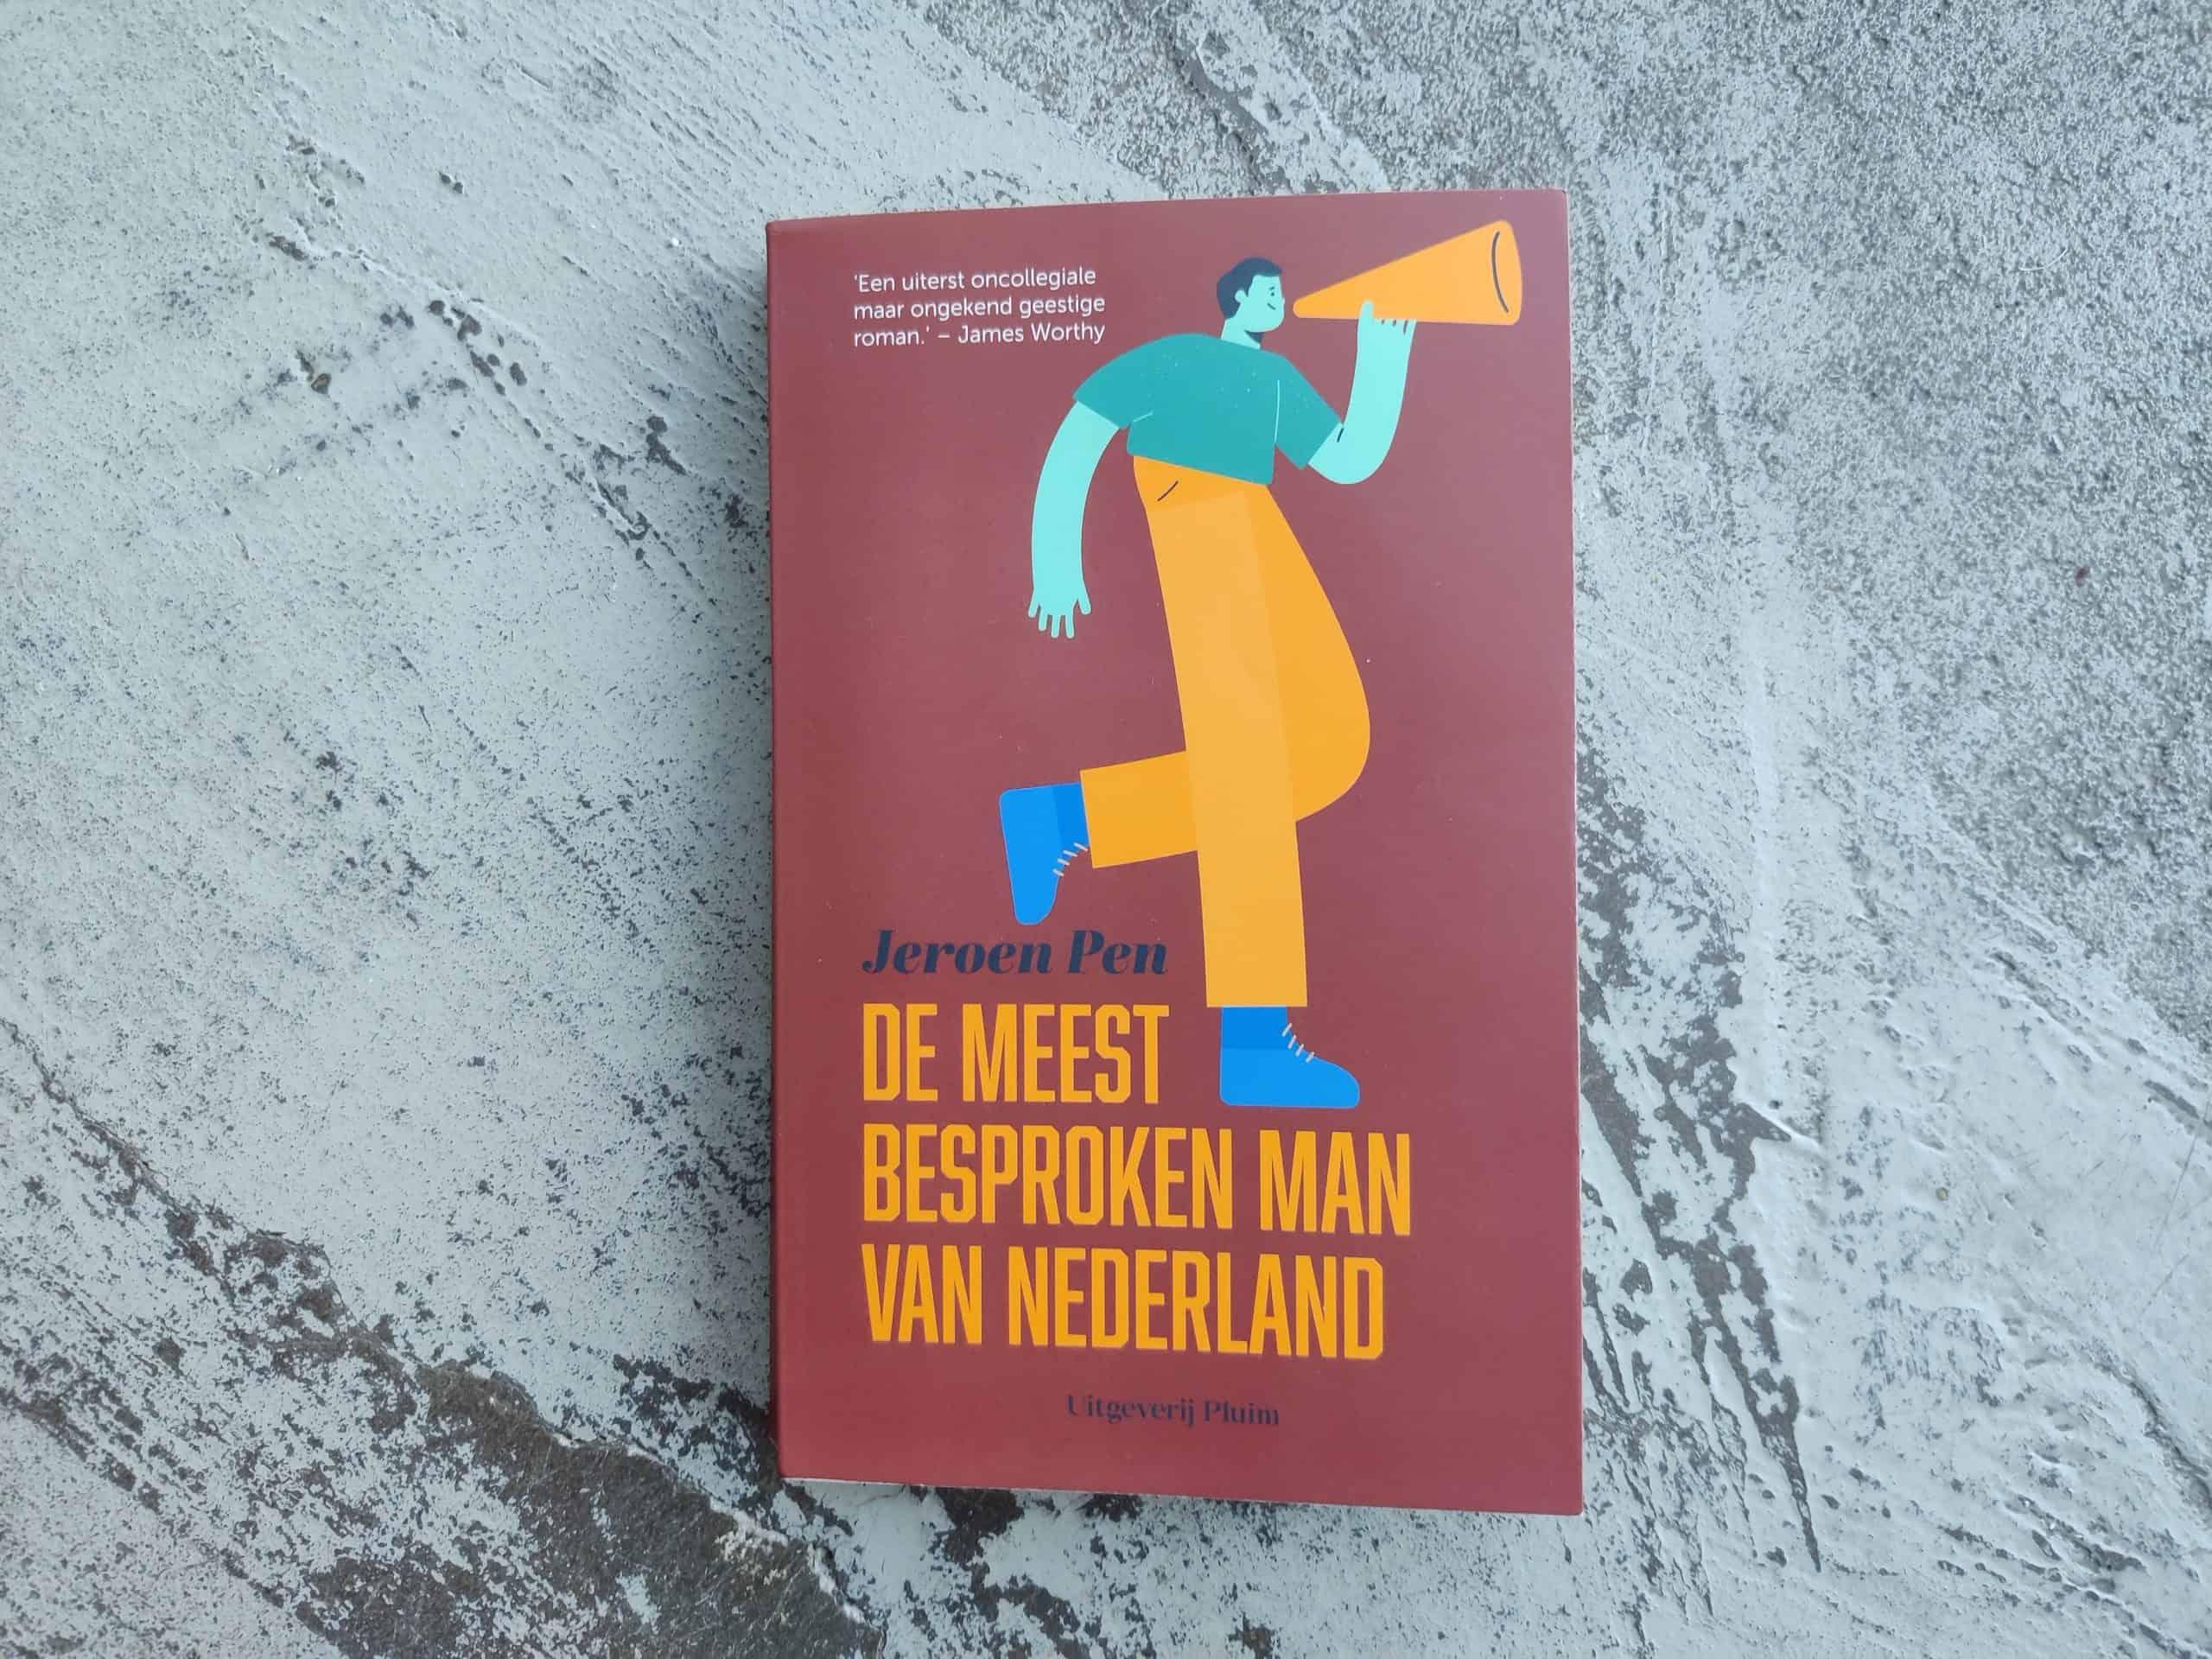 Jeroen Pen - De meest besproken man van Nederland